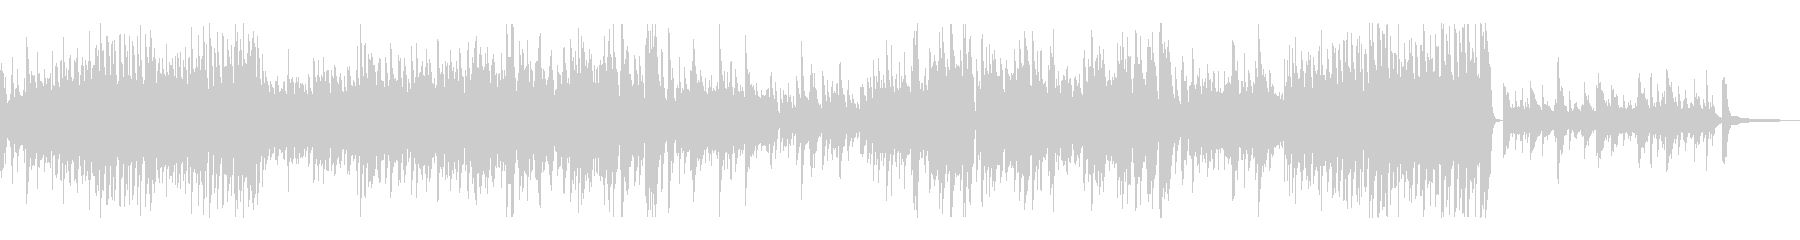 万華鏡のような繰り返しが可憐なピアノソロの未再生の波形